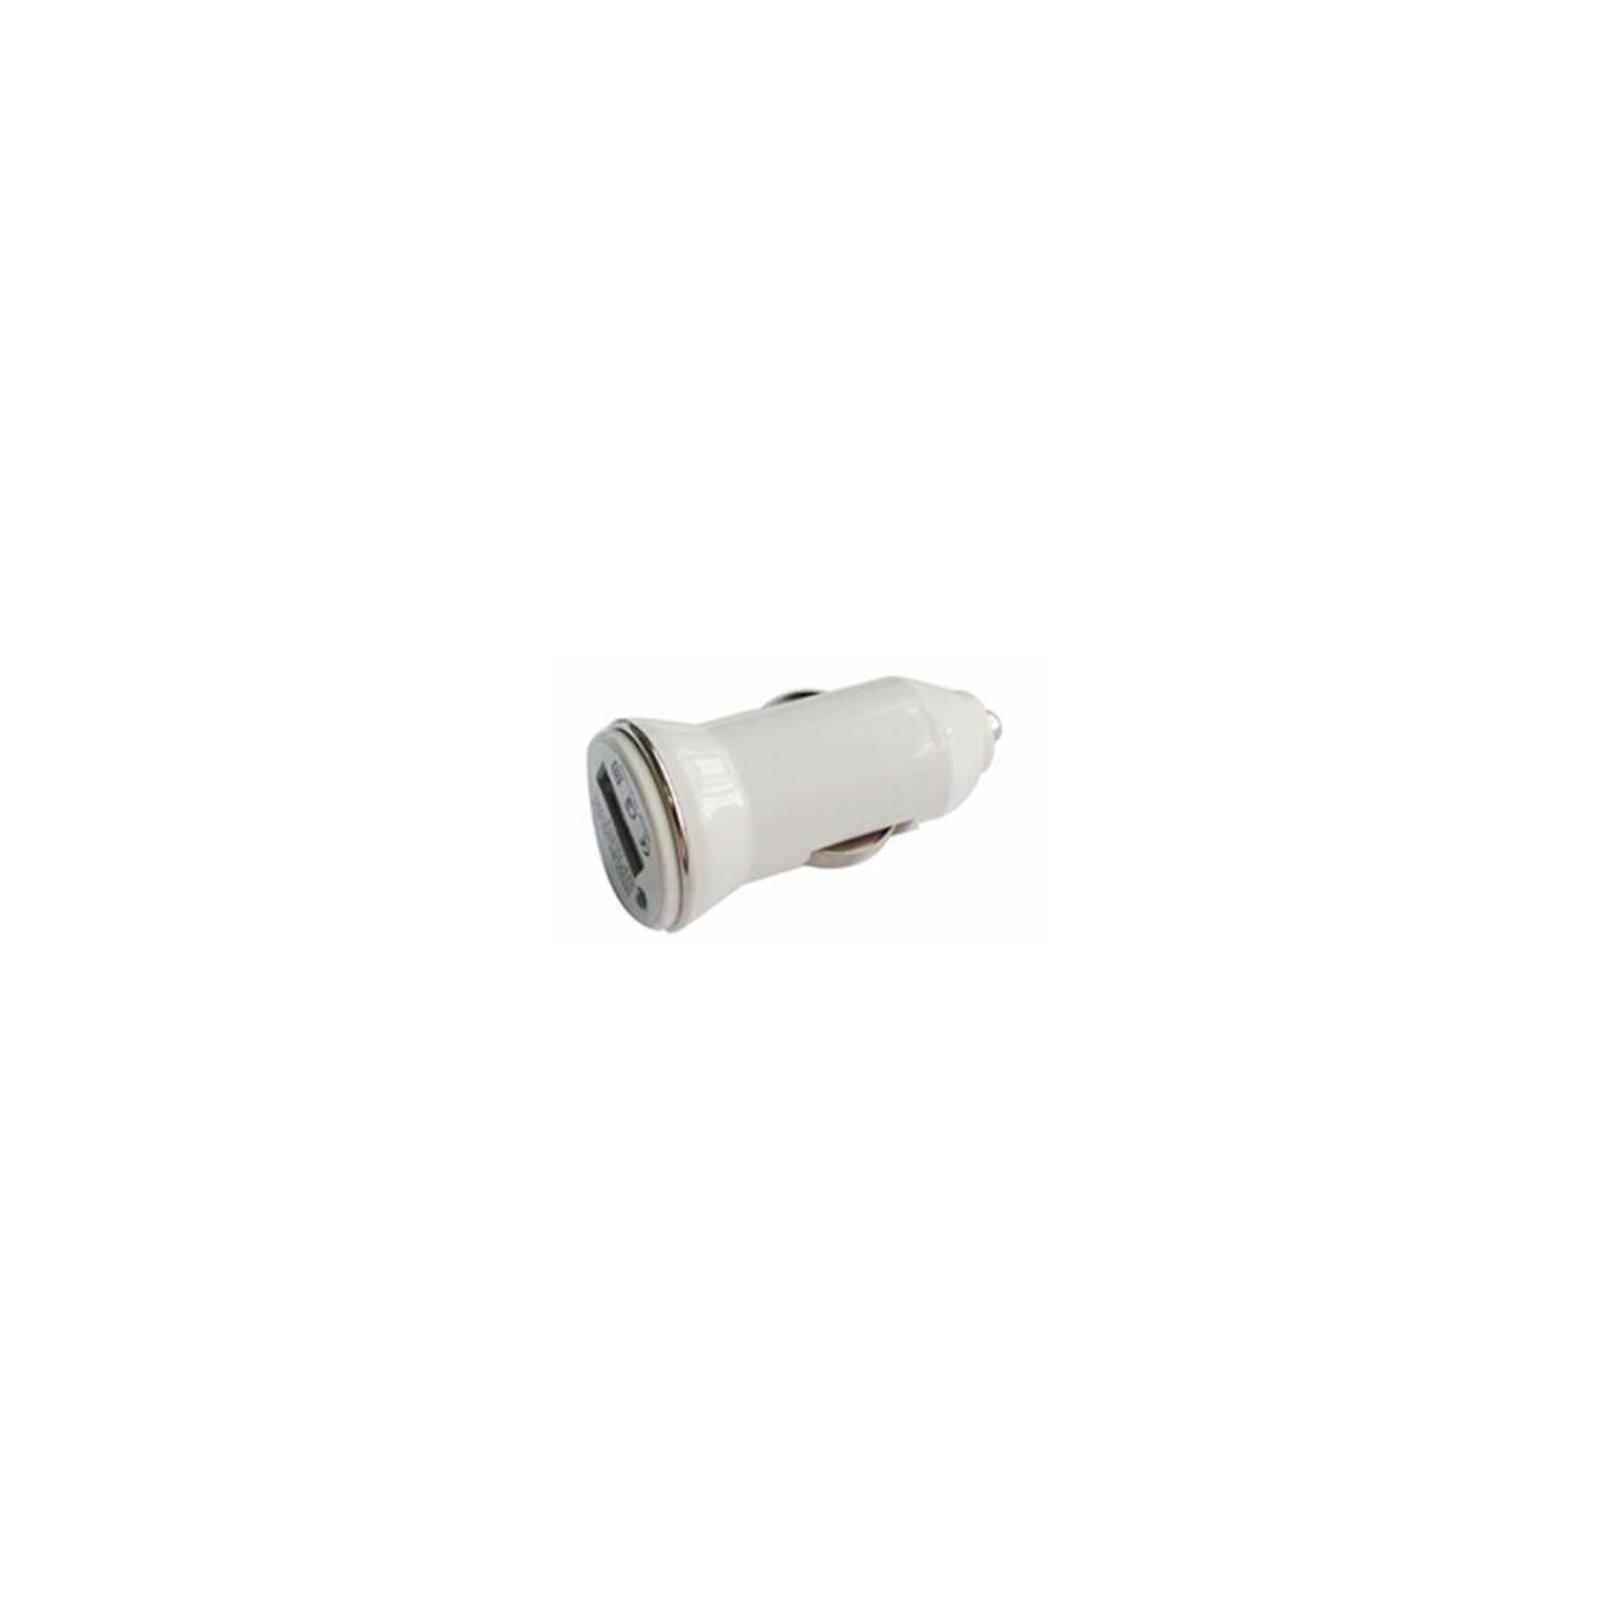 Зарядное устройство EasyLink (3 в 1) +кабель Lightning (EL-199 W) изображение 2